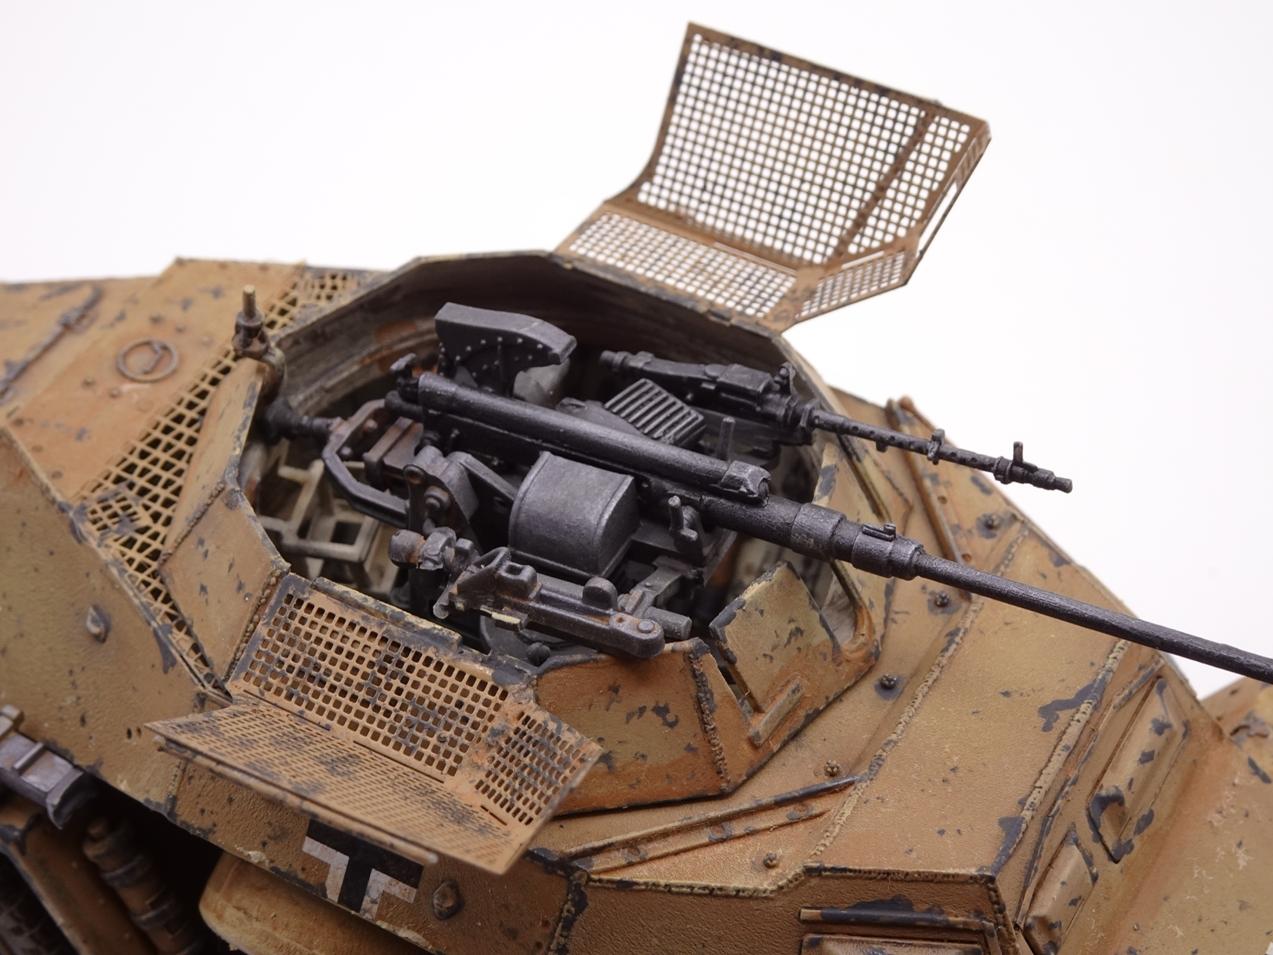 [Hobby Boss 1/35°] Sd.Kfz. 222 Leichter Panzerspähwagen - Page 3 222-fin-8